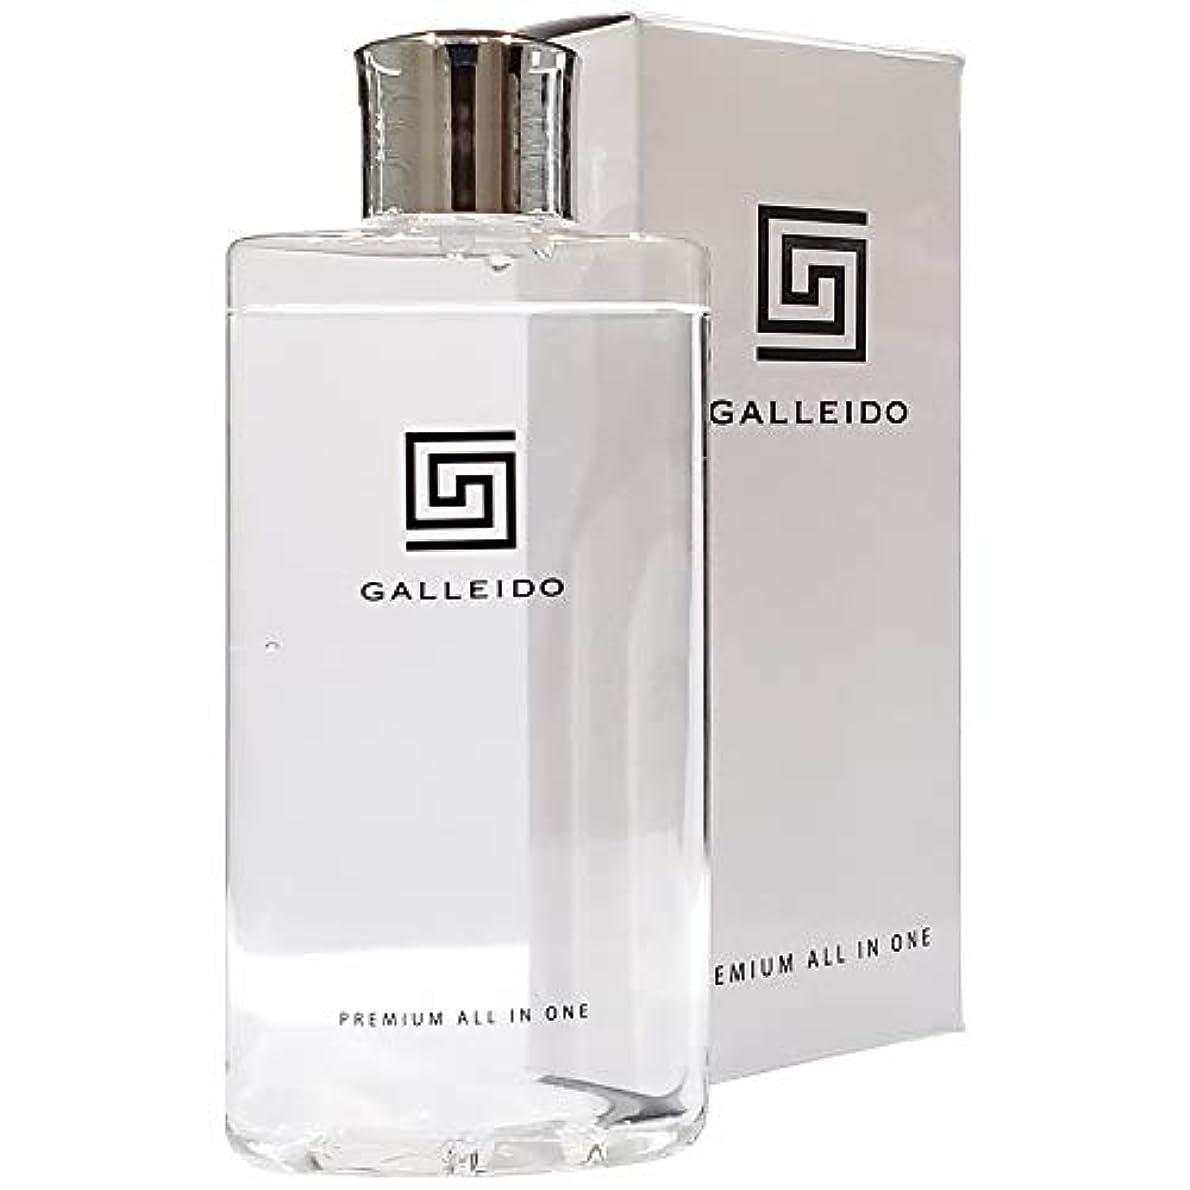 どちらも寛容な放課後GALLEIDO PREMIUM ALL IN ONE(ガレイド プレミアム オールインワン化粧水)(メンズコスメ 男性 化粧水)(単品)